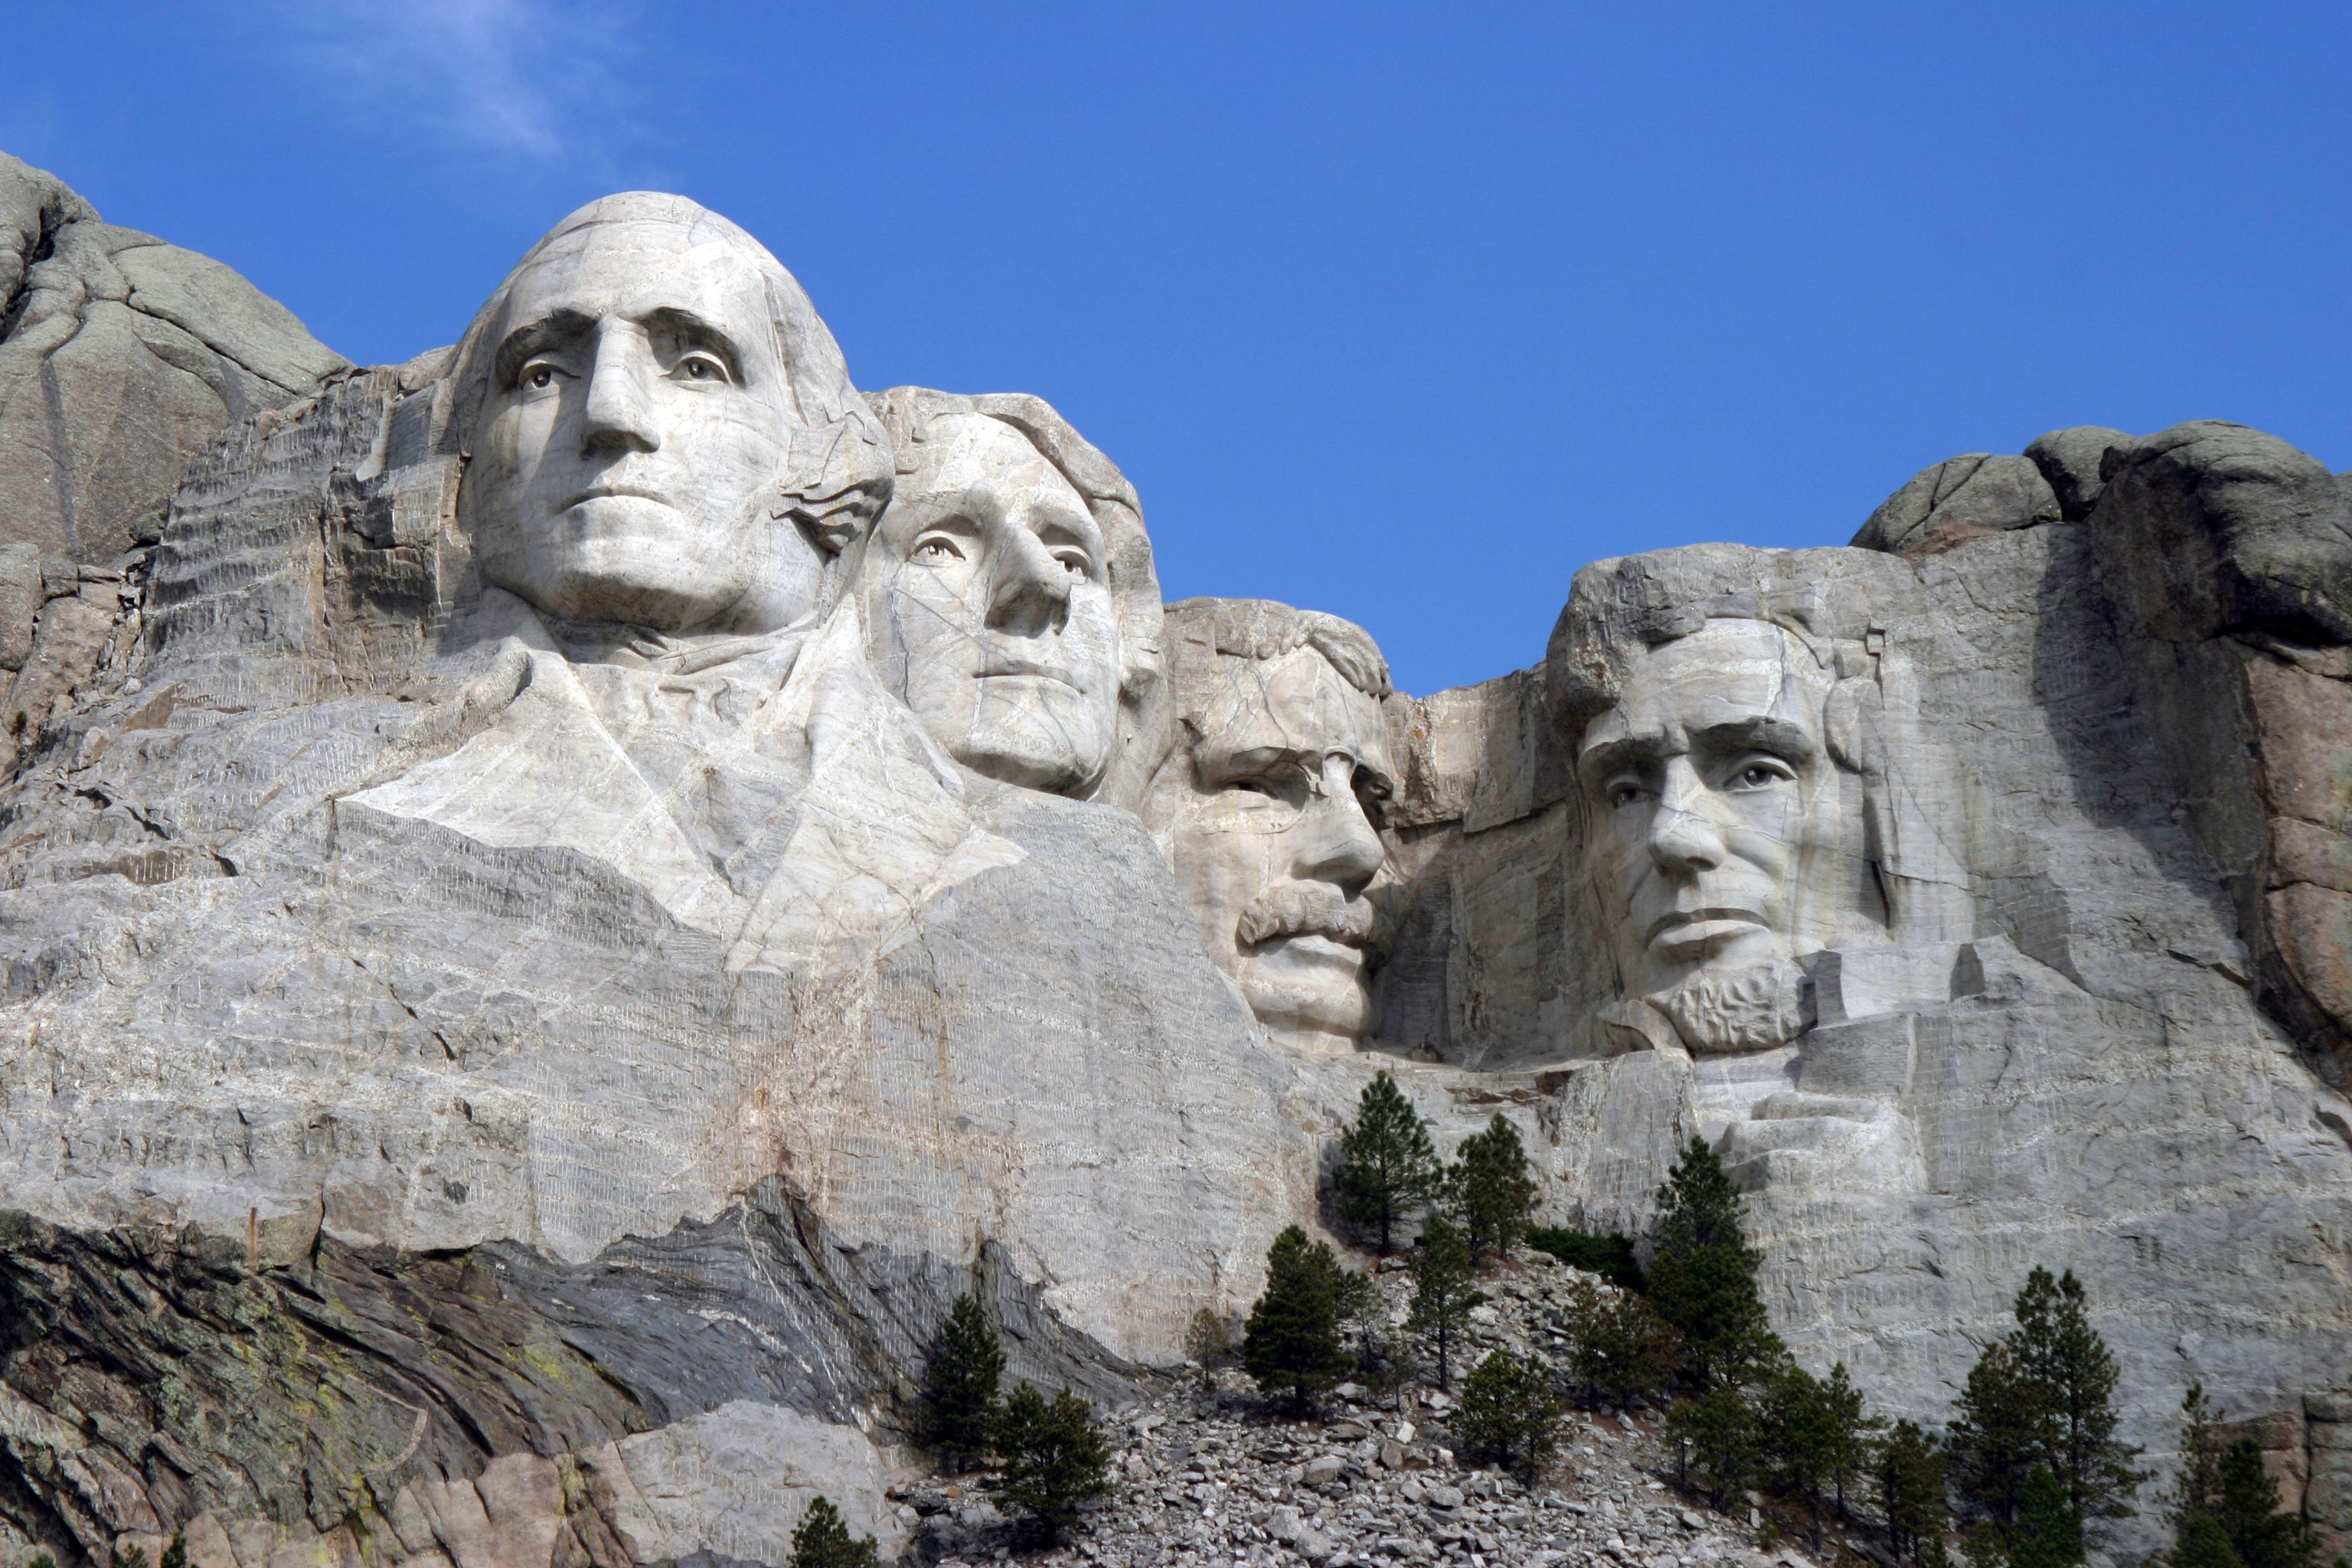 Khu tưởng niệm quốc gia núi Rushmore – Wikivoyage